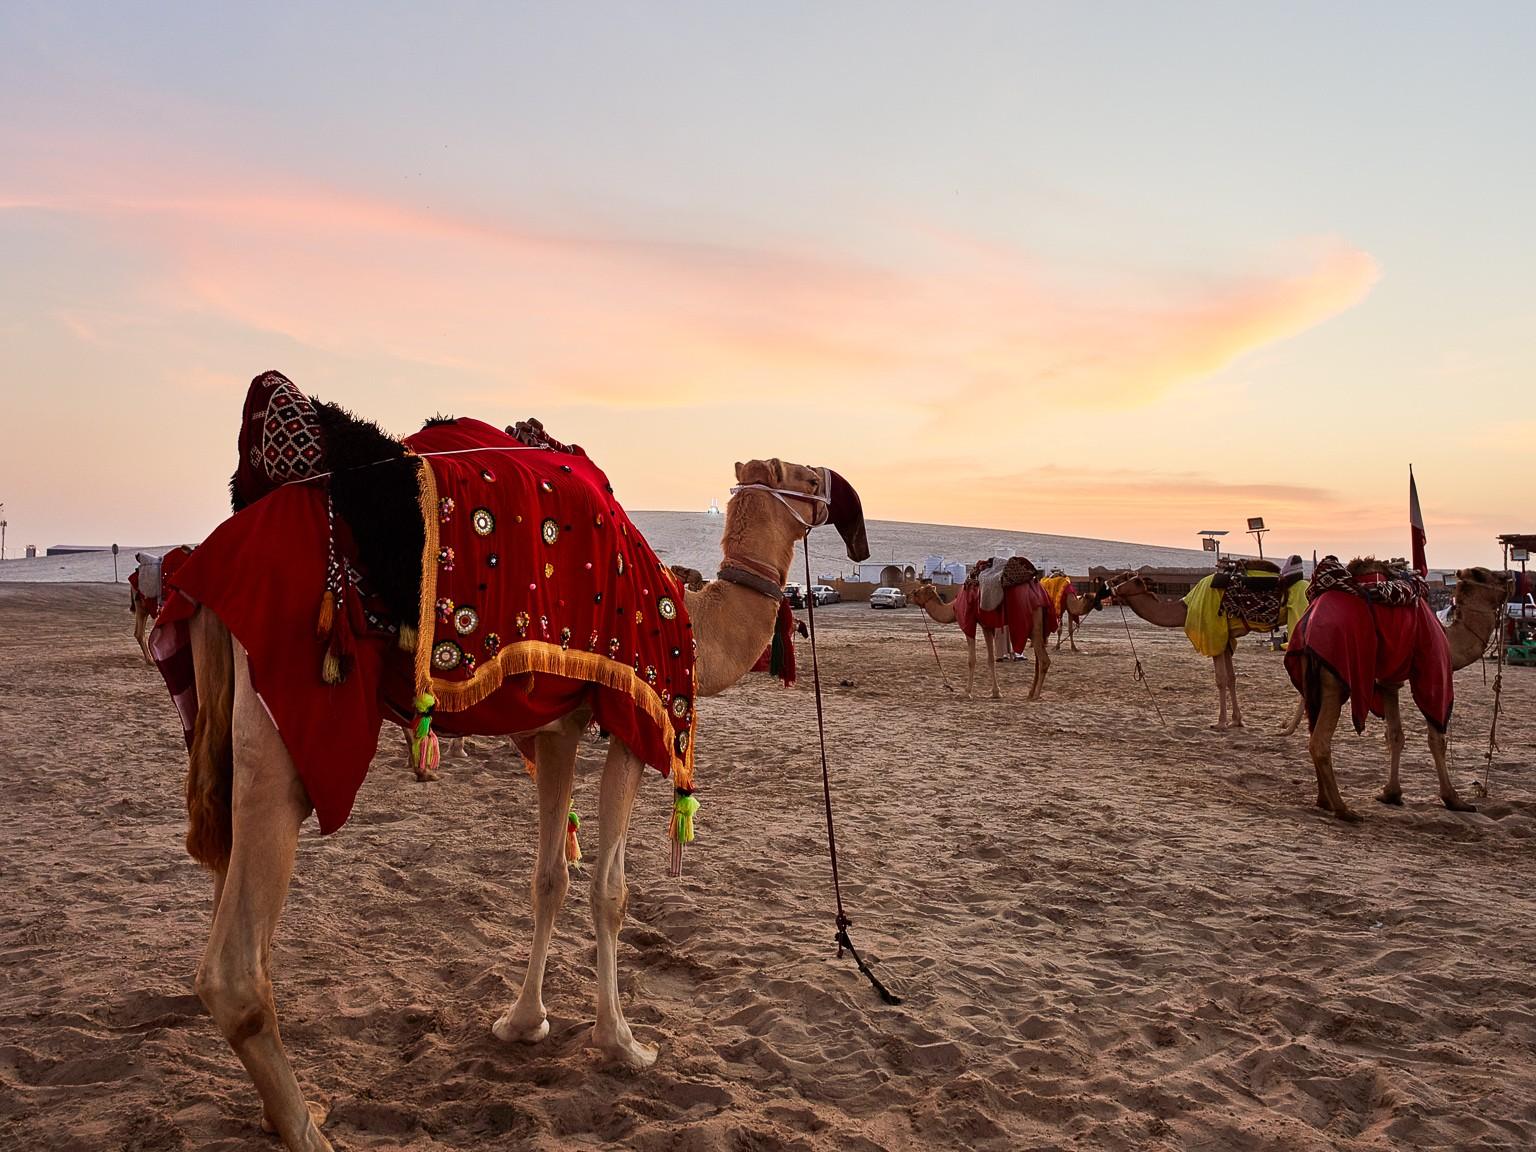 Camels at Sealine Beach, Qatar